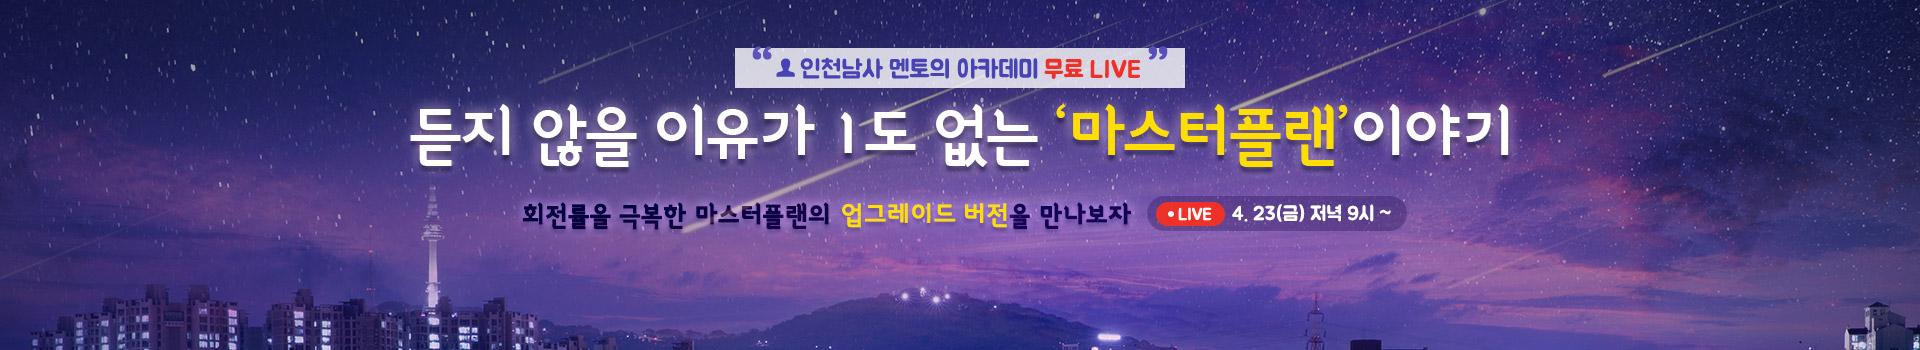 인천남사 OT 라이브